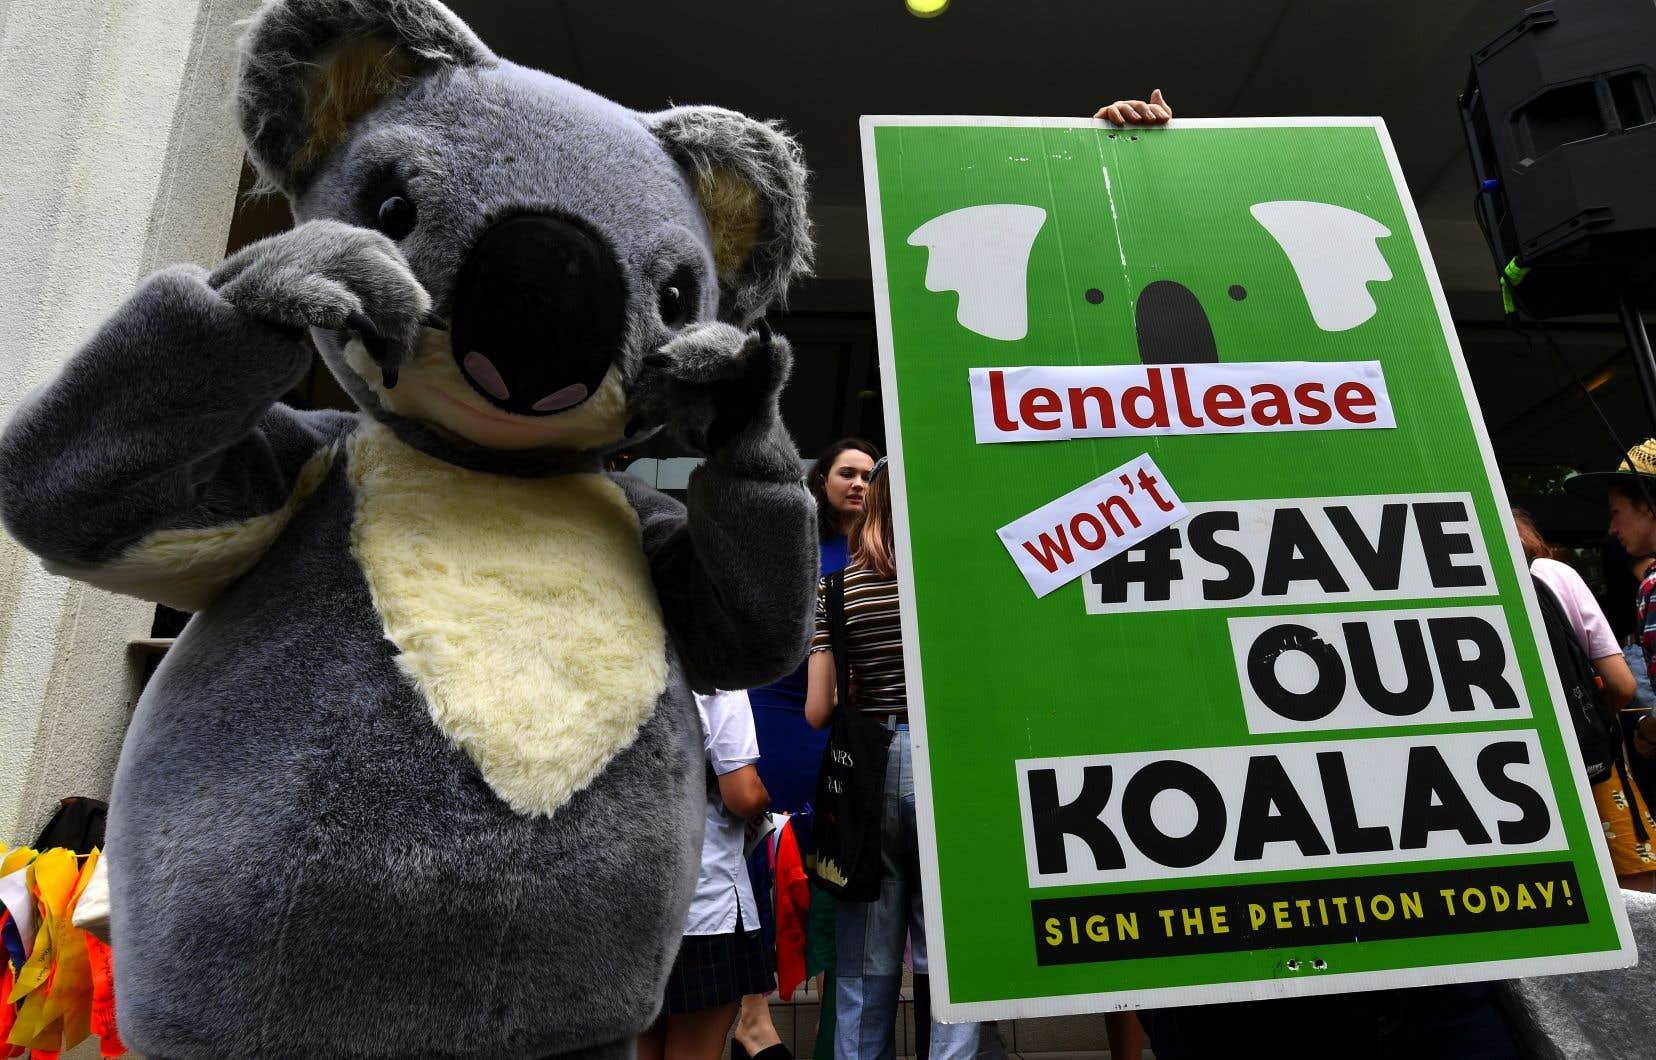 Des centaines de personnes se sont réunies à Sydney, dont certaines munies de pancartes «Sauvez nos koalas» en référence aux incendies qui ravagent la côte est de l'Australie.